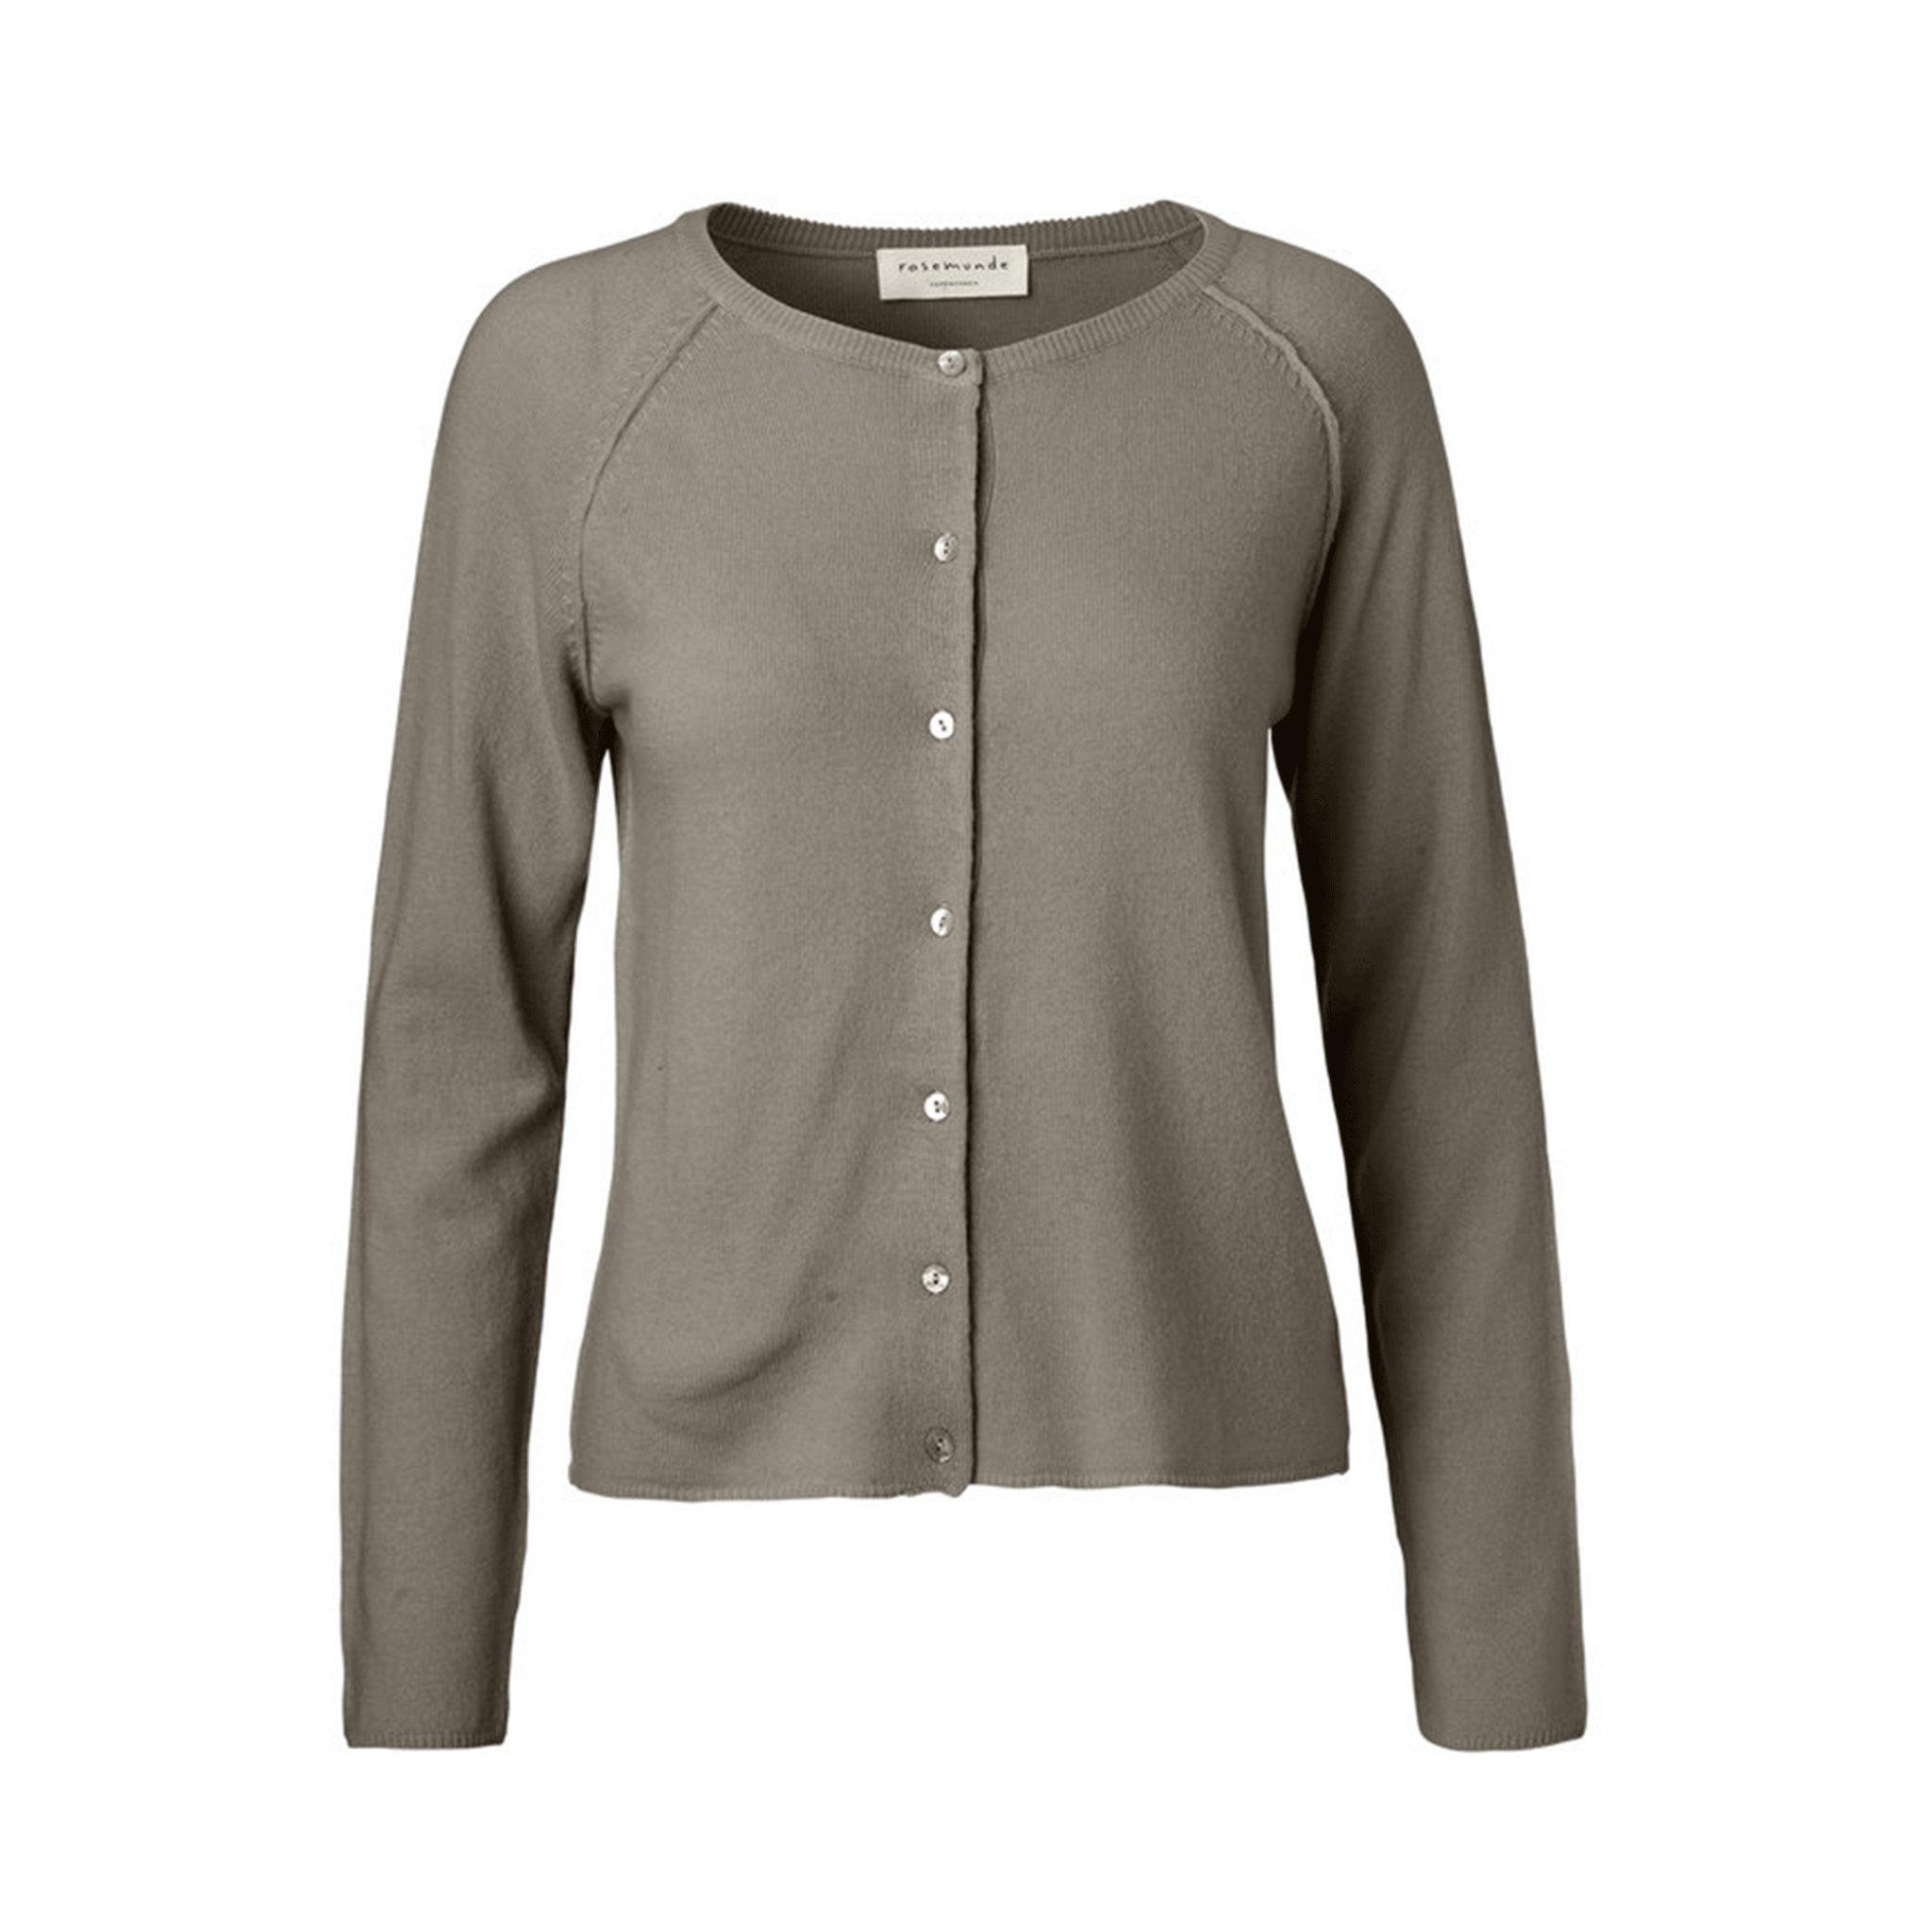 b37594bd209 Soft Cashmere Wool Cardigan - Tröjor & cardigans - Köp online på åhlens.se!